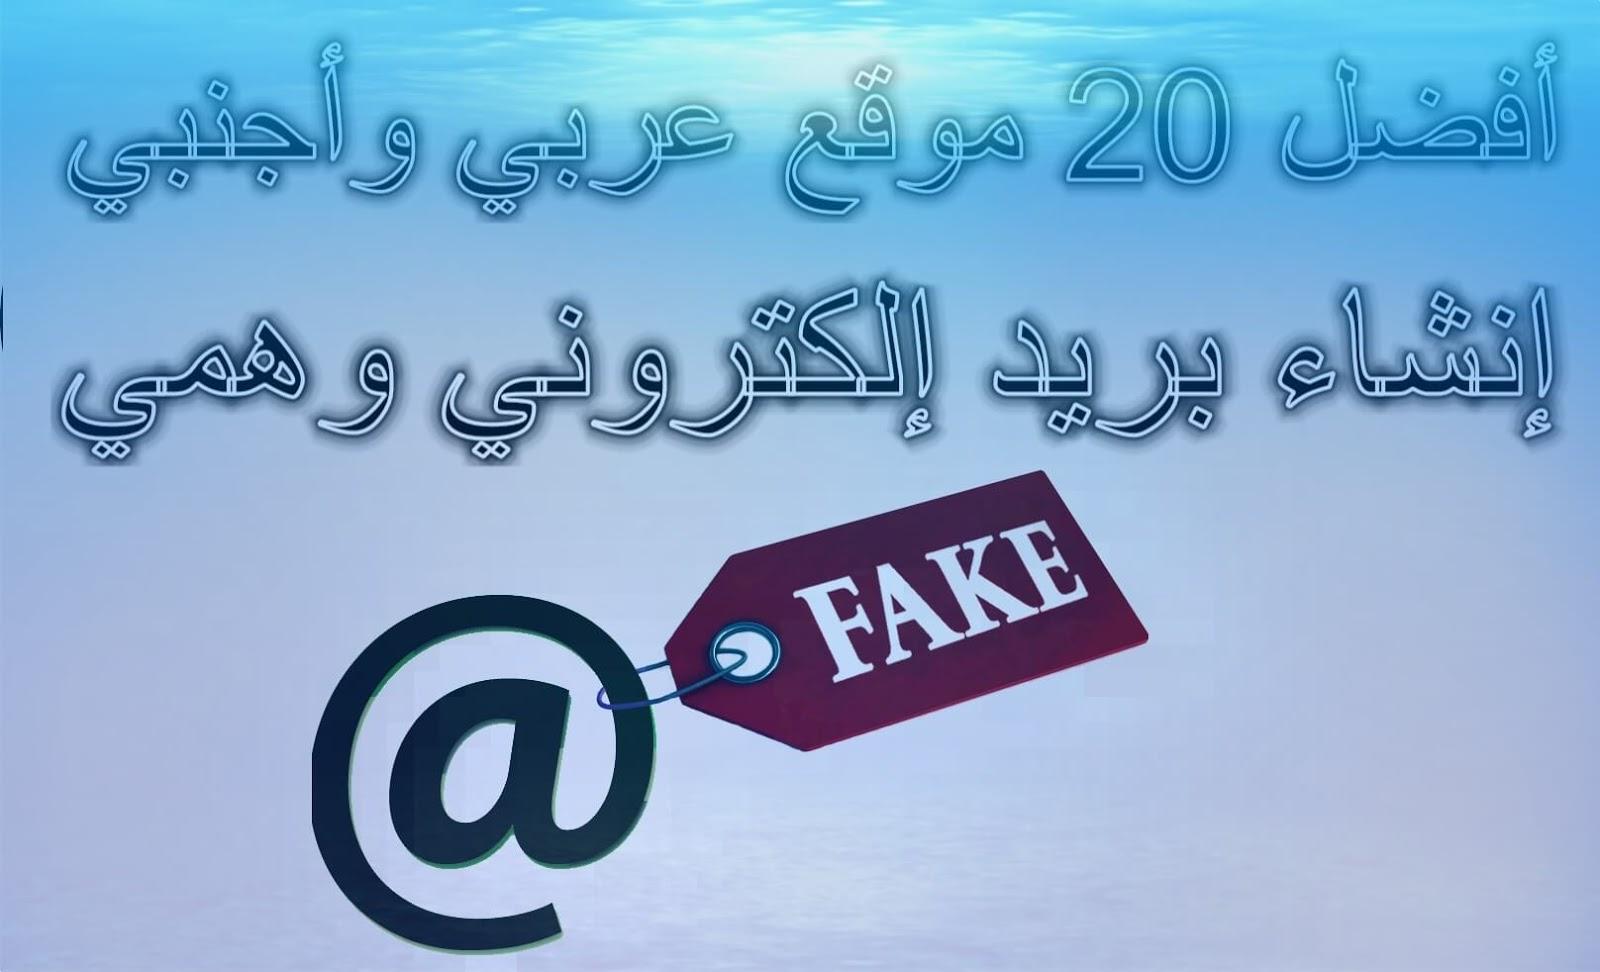 أفضل 20 موقع عربي وأجنبي لعمل ايميل وهمي بريد وهمي أو ايميل مؤقت مدونة التعليم المجاني